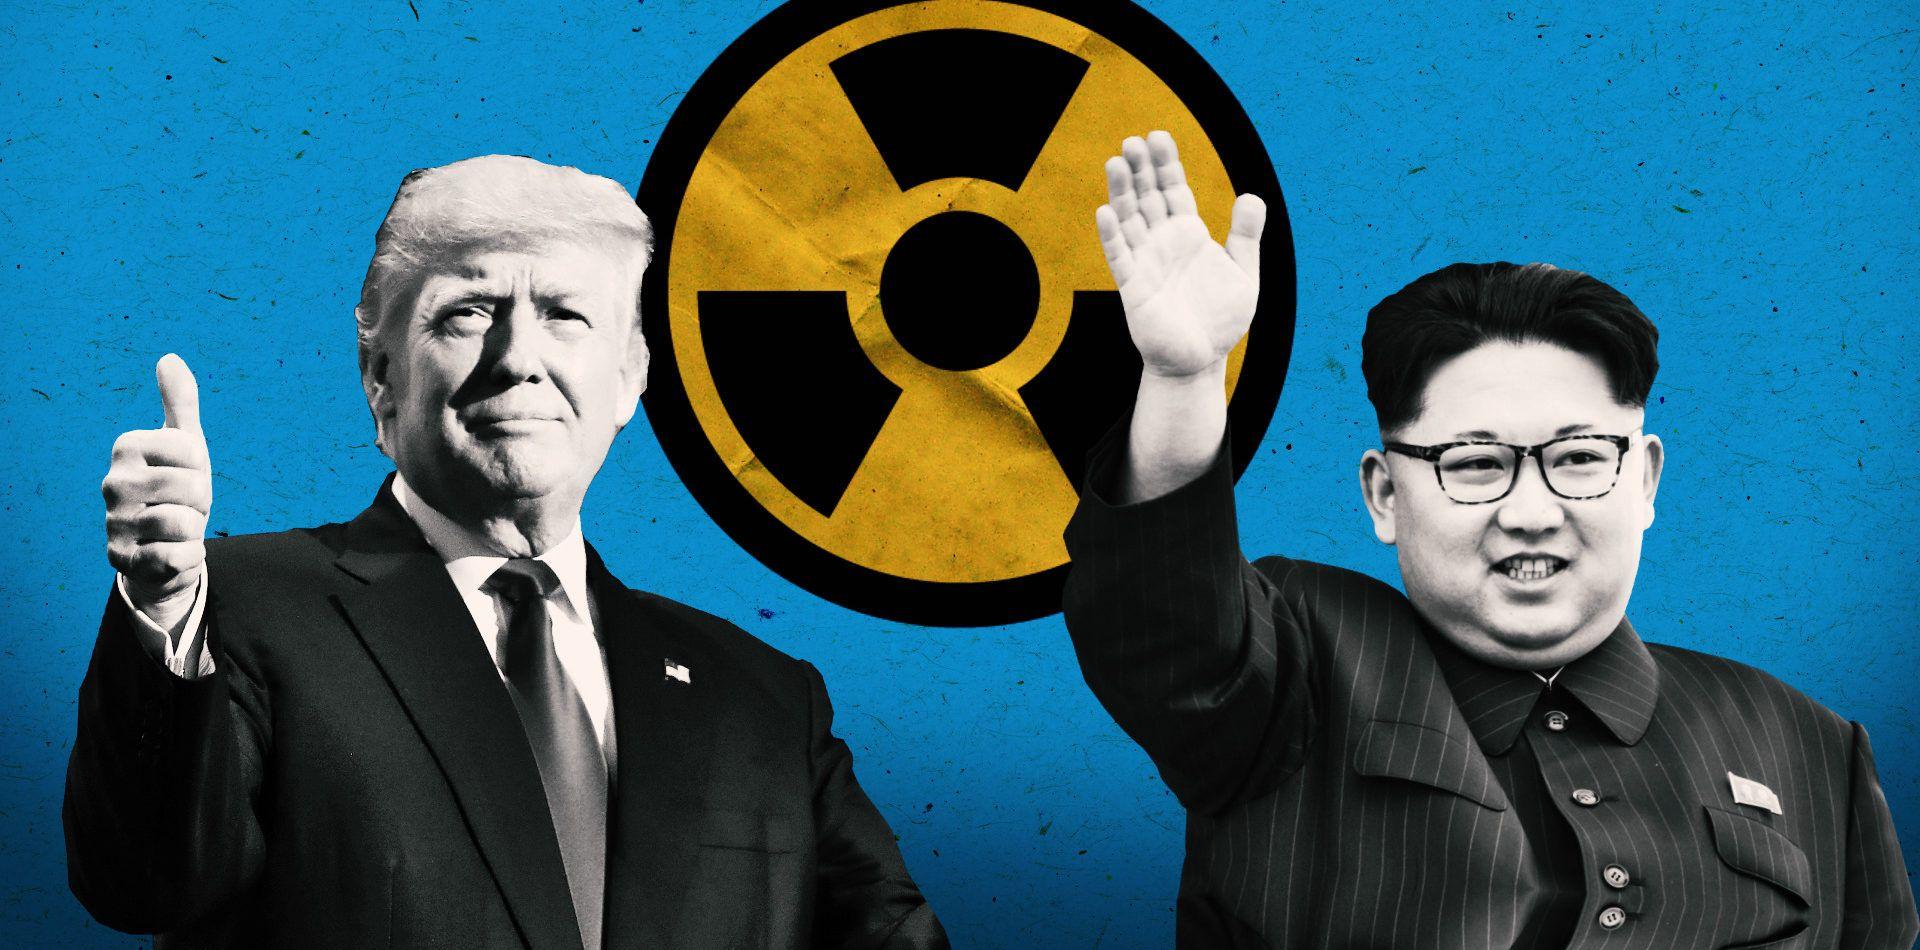 Američki predsjednik Trump i sjevernokorejski čelnik Kim Jong Un za obnovu pregovora o nuklearnom pitanju